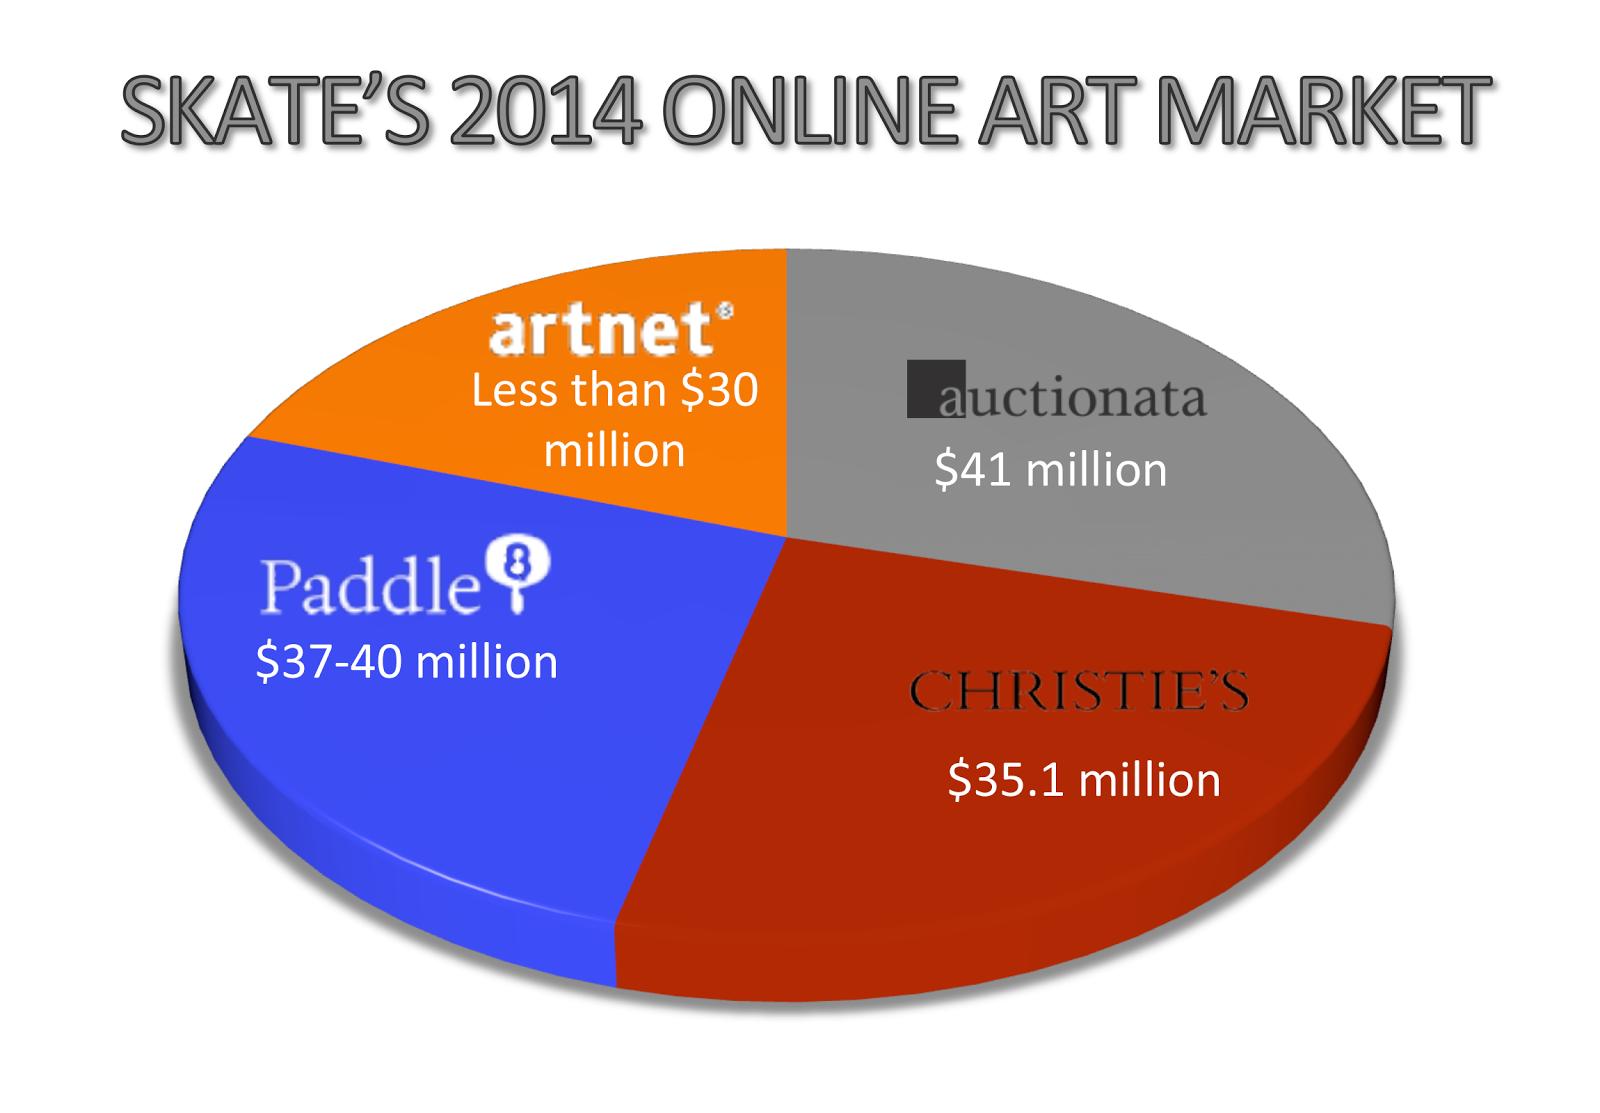 Skate's 2014 Online Art Market Estimate